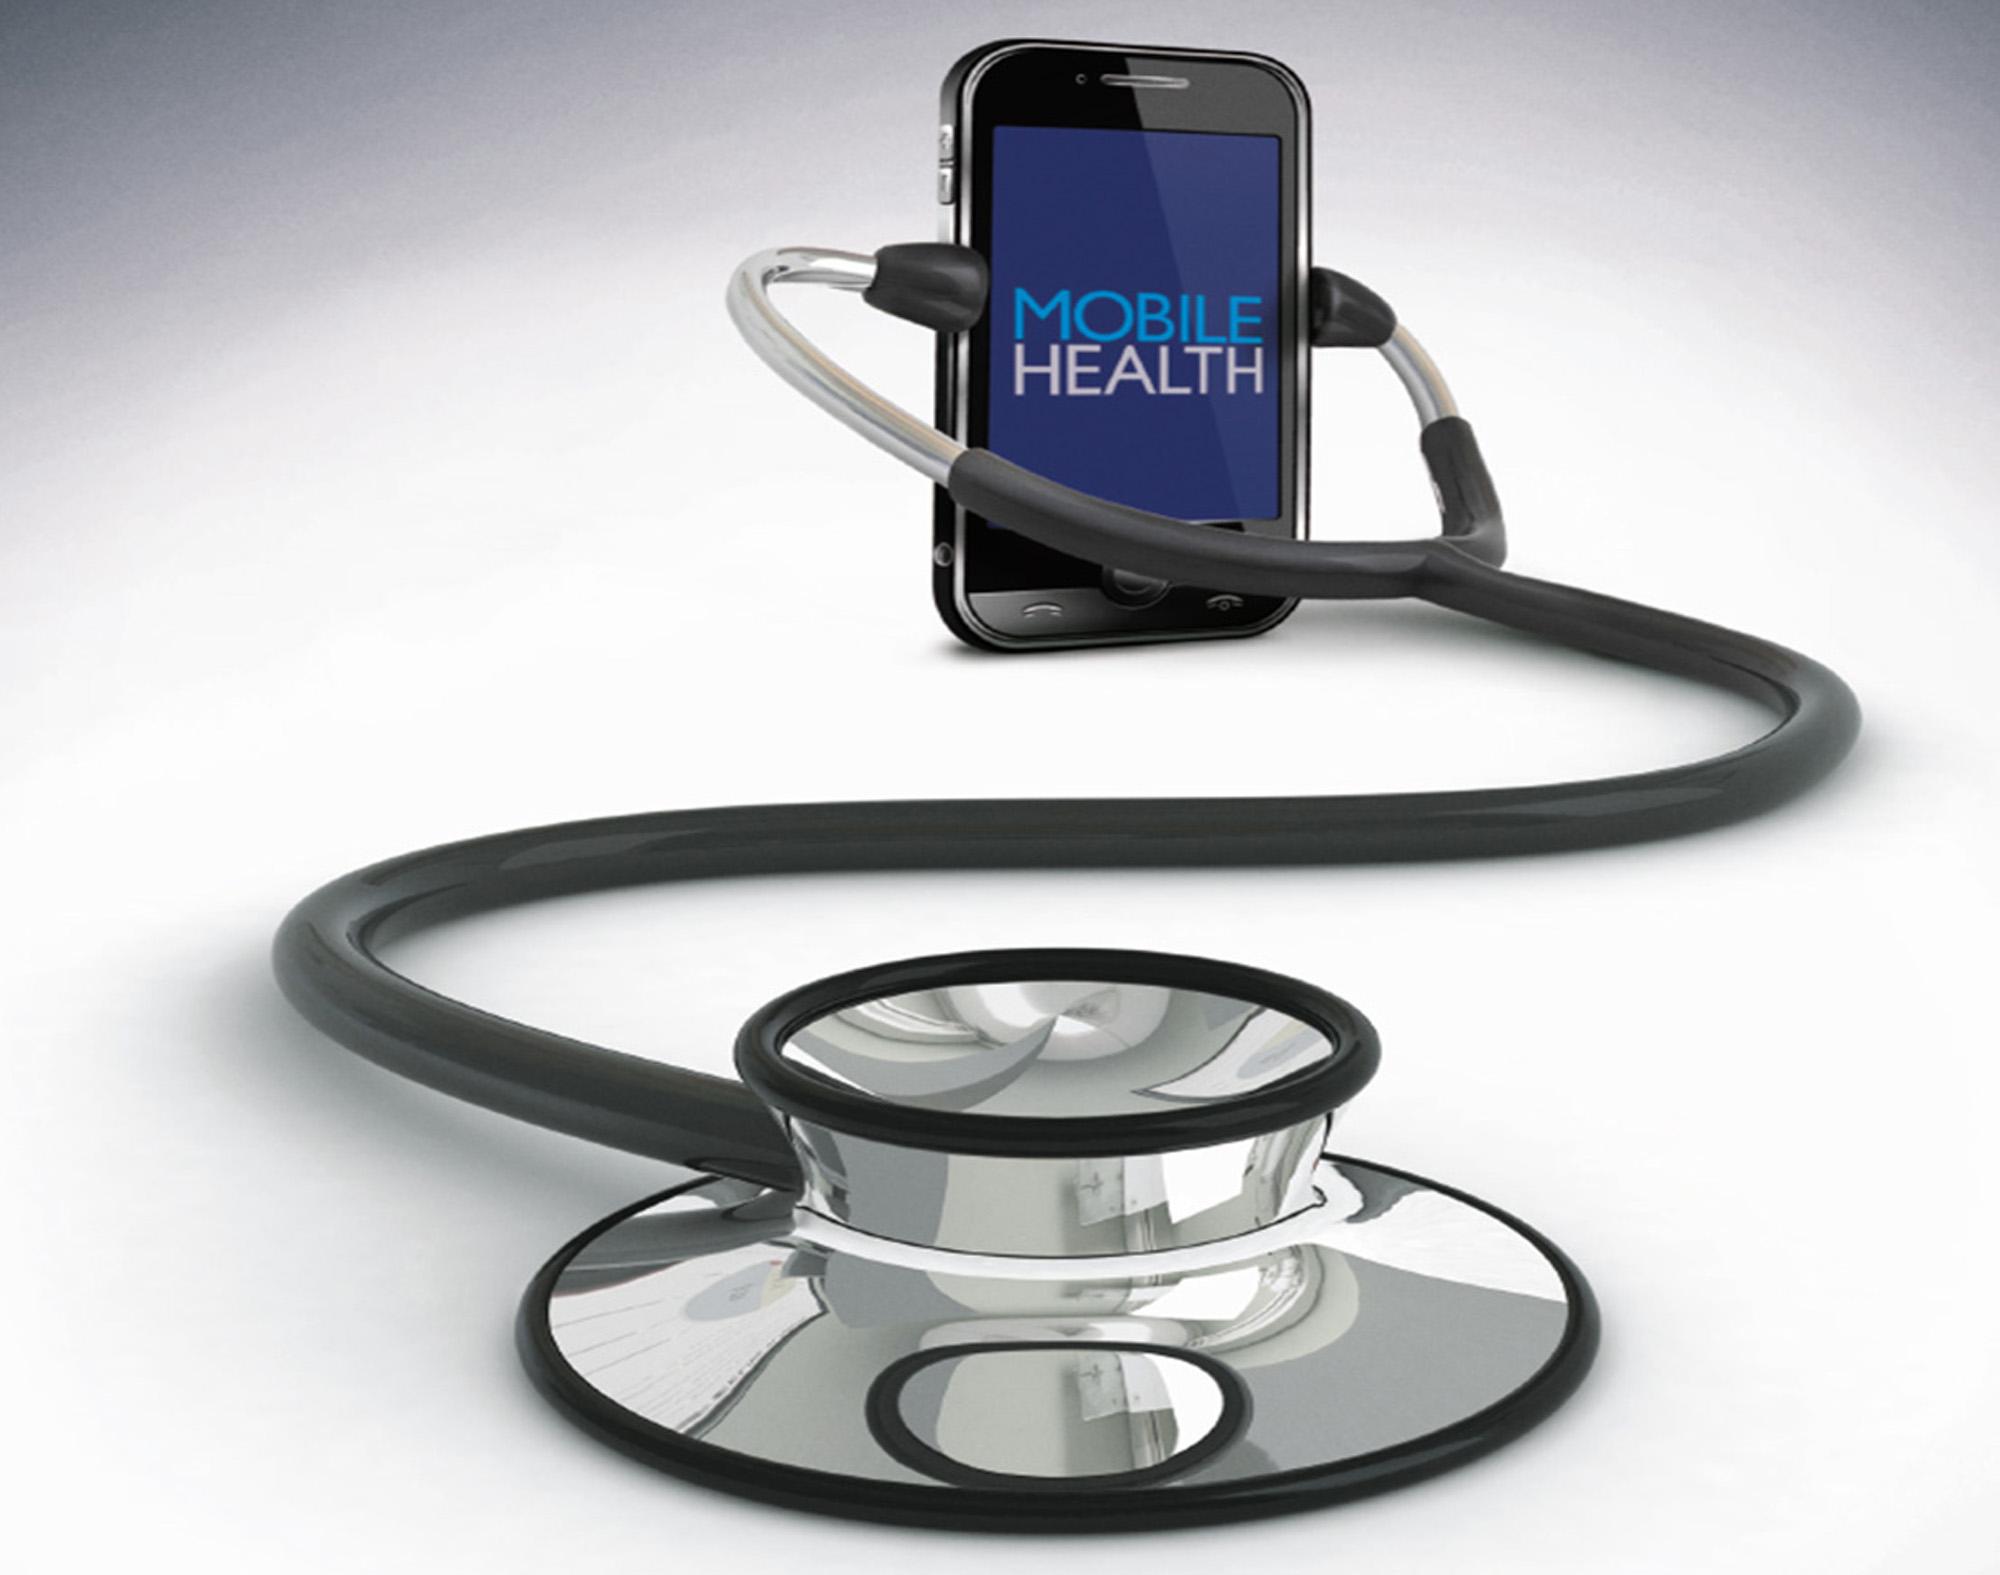 Mobil Sağlık Sektörü Değerlenecek